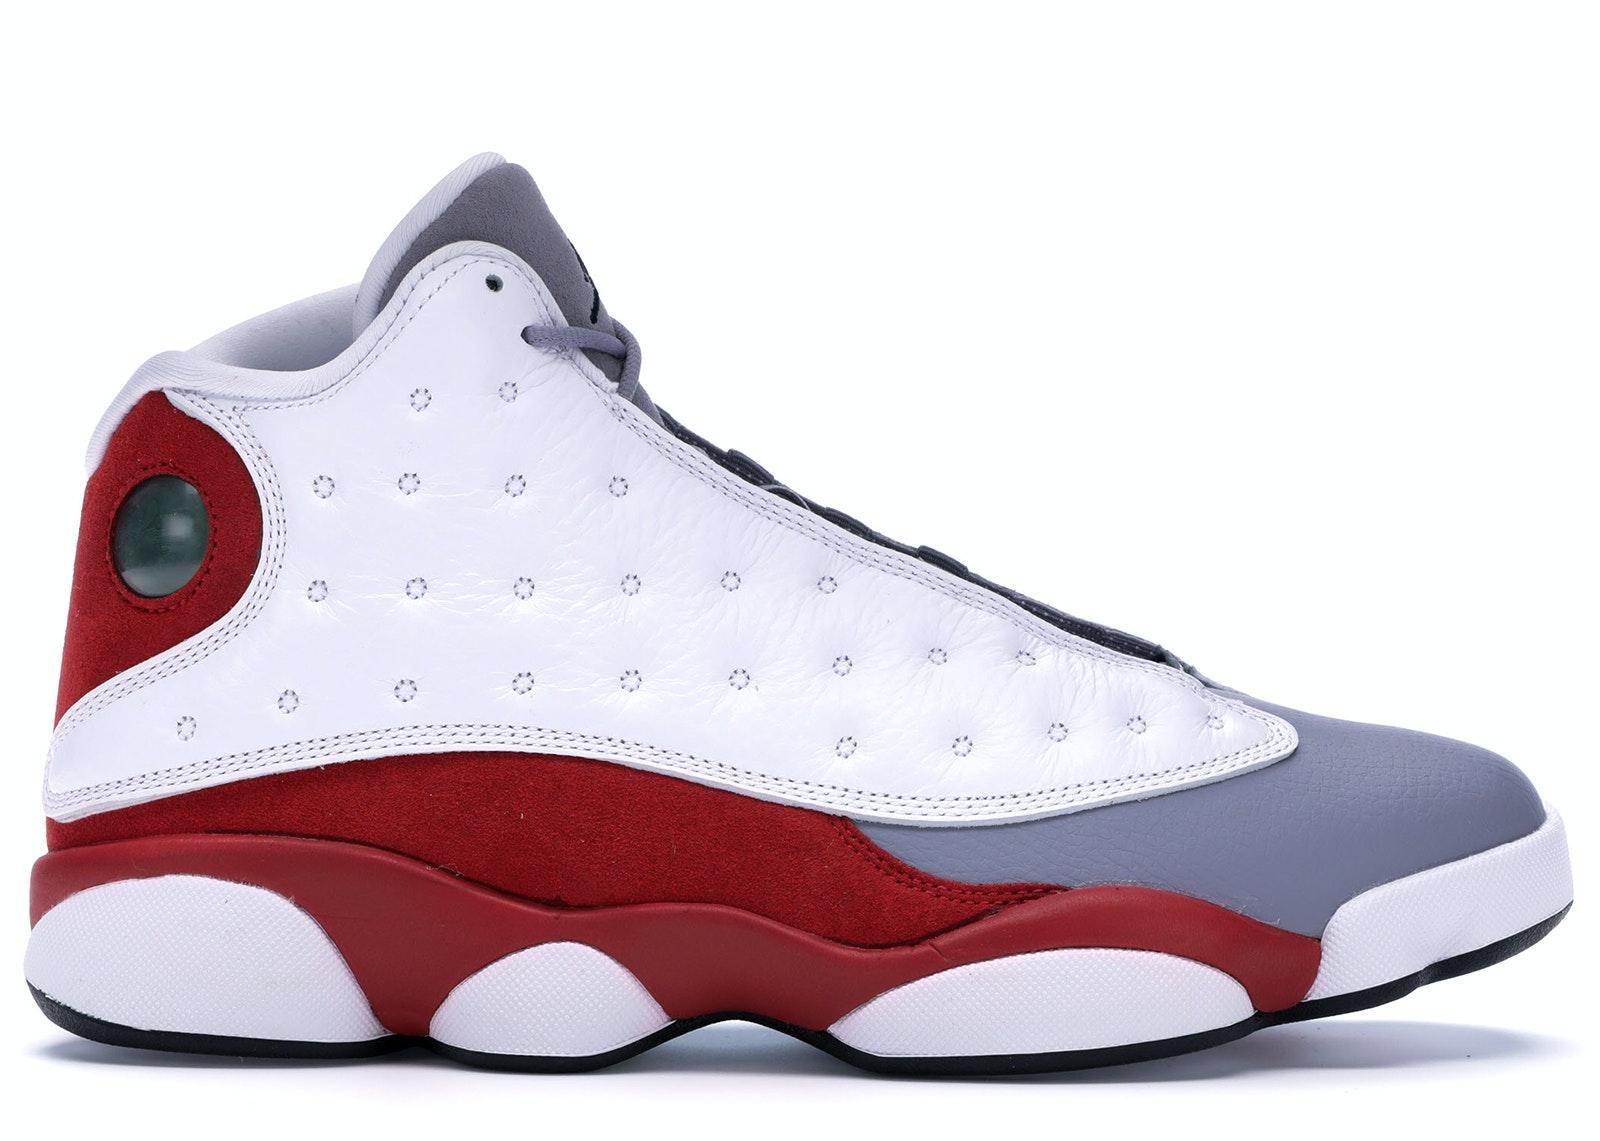 Jordan 13 Retro Grey Toe (2014)